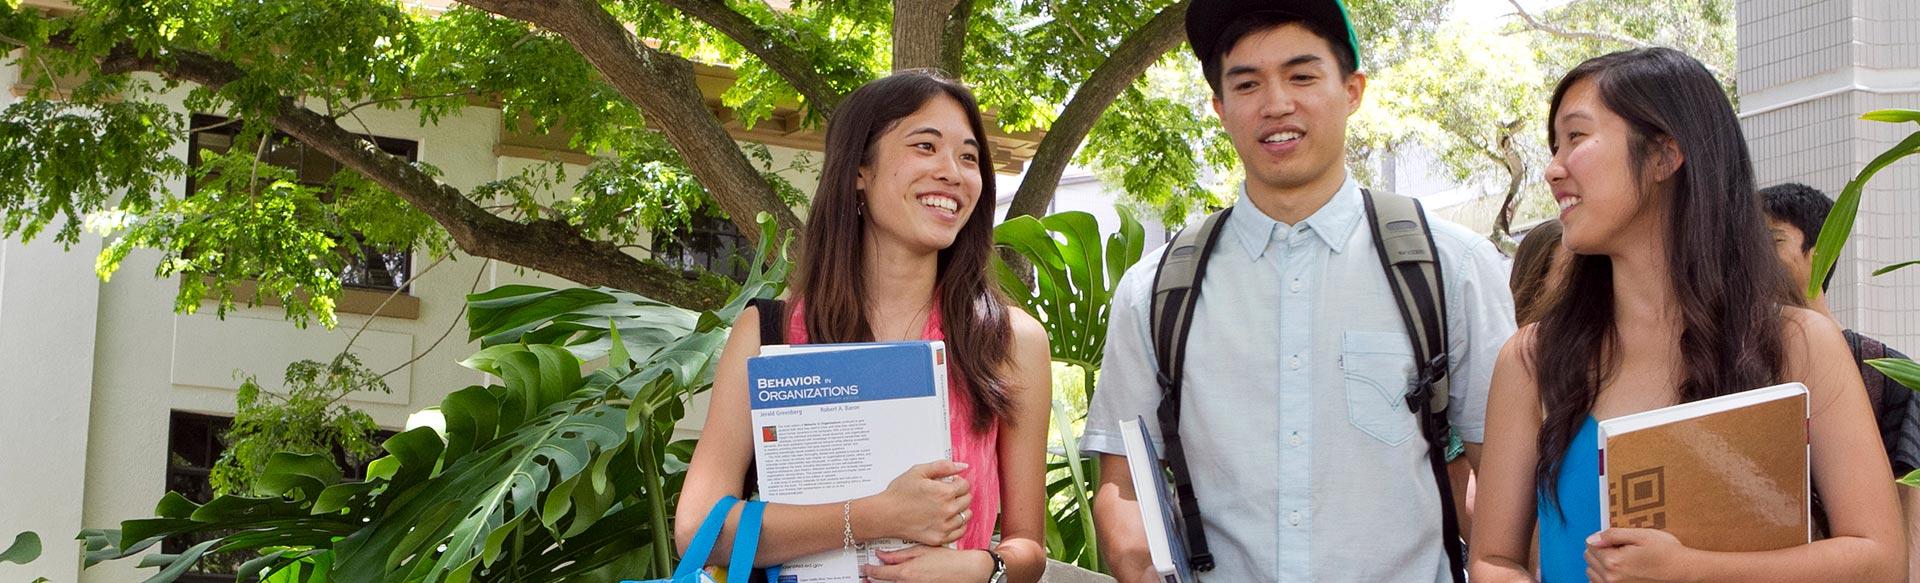 Students at UH Manoa